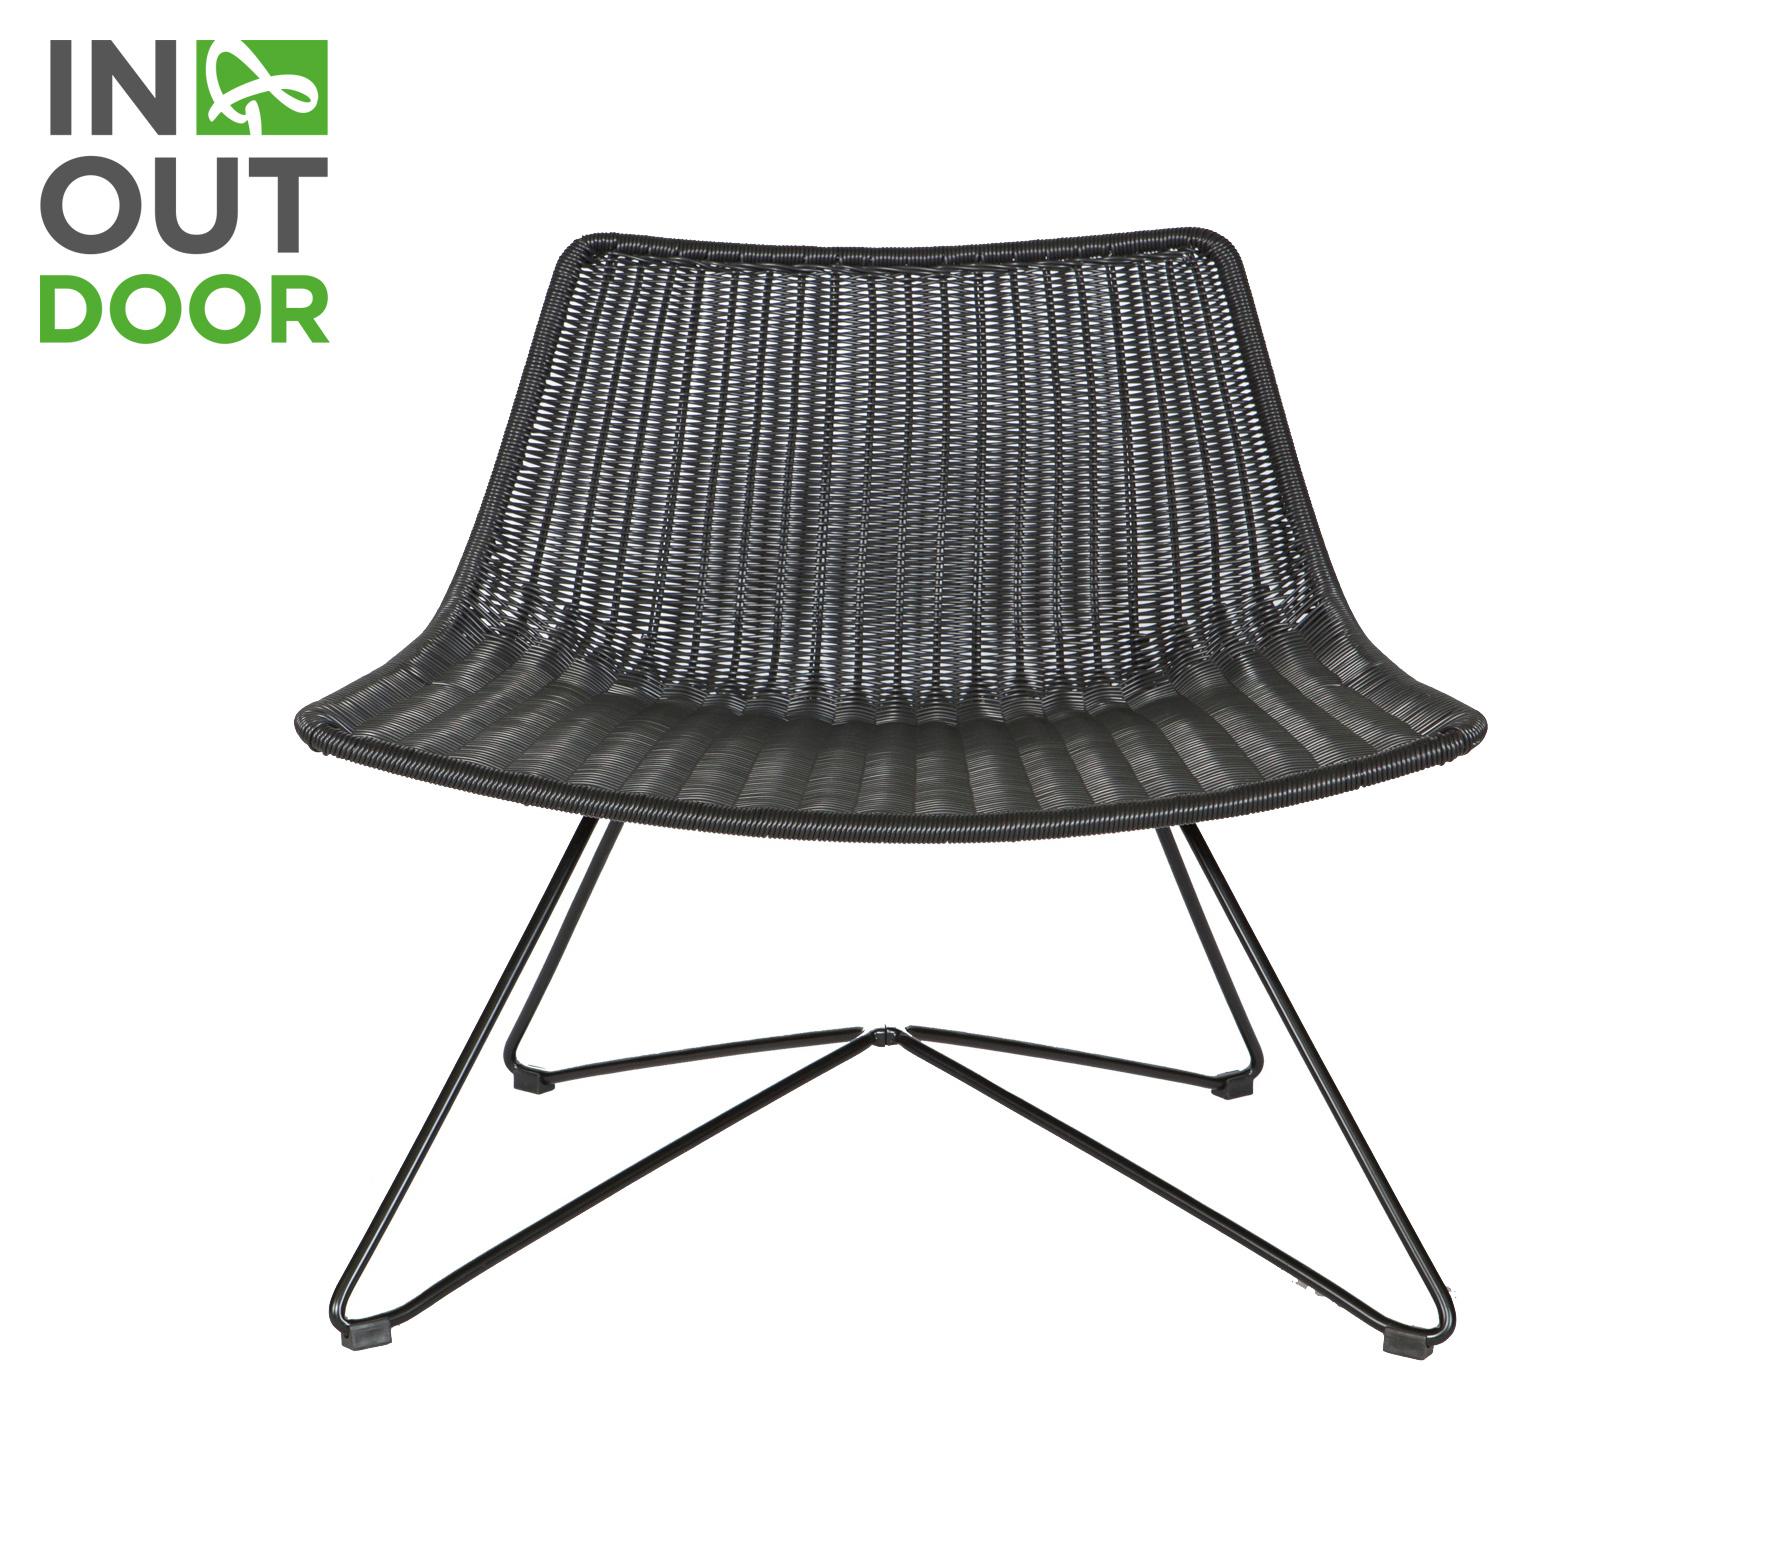 WOOOD Otis (binnen-buiten) fauteuil polyester rotan zwart